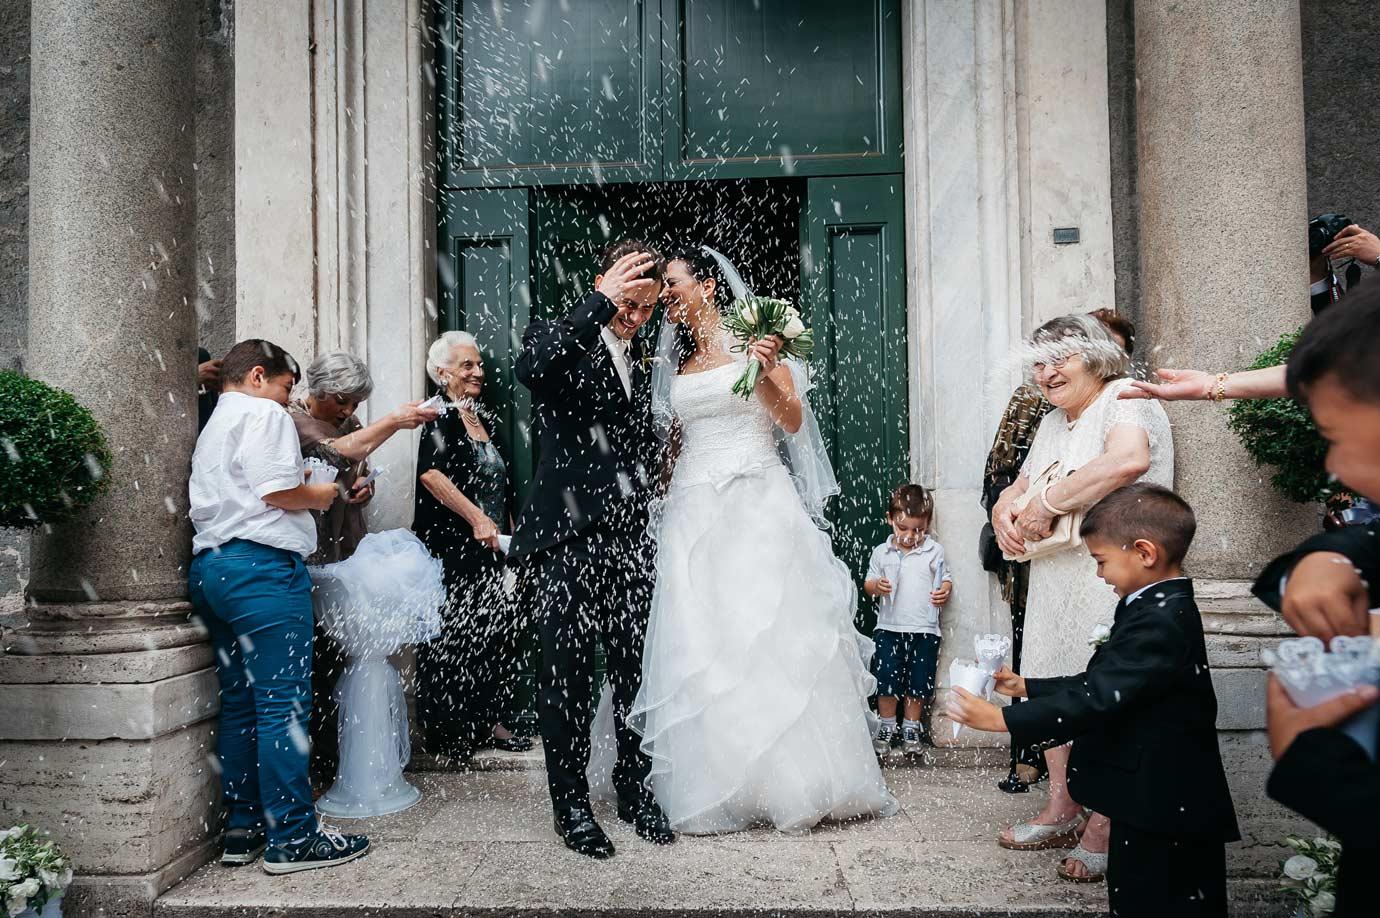 Reportage-Wedding-Photographer-Rome-Ceremony